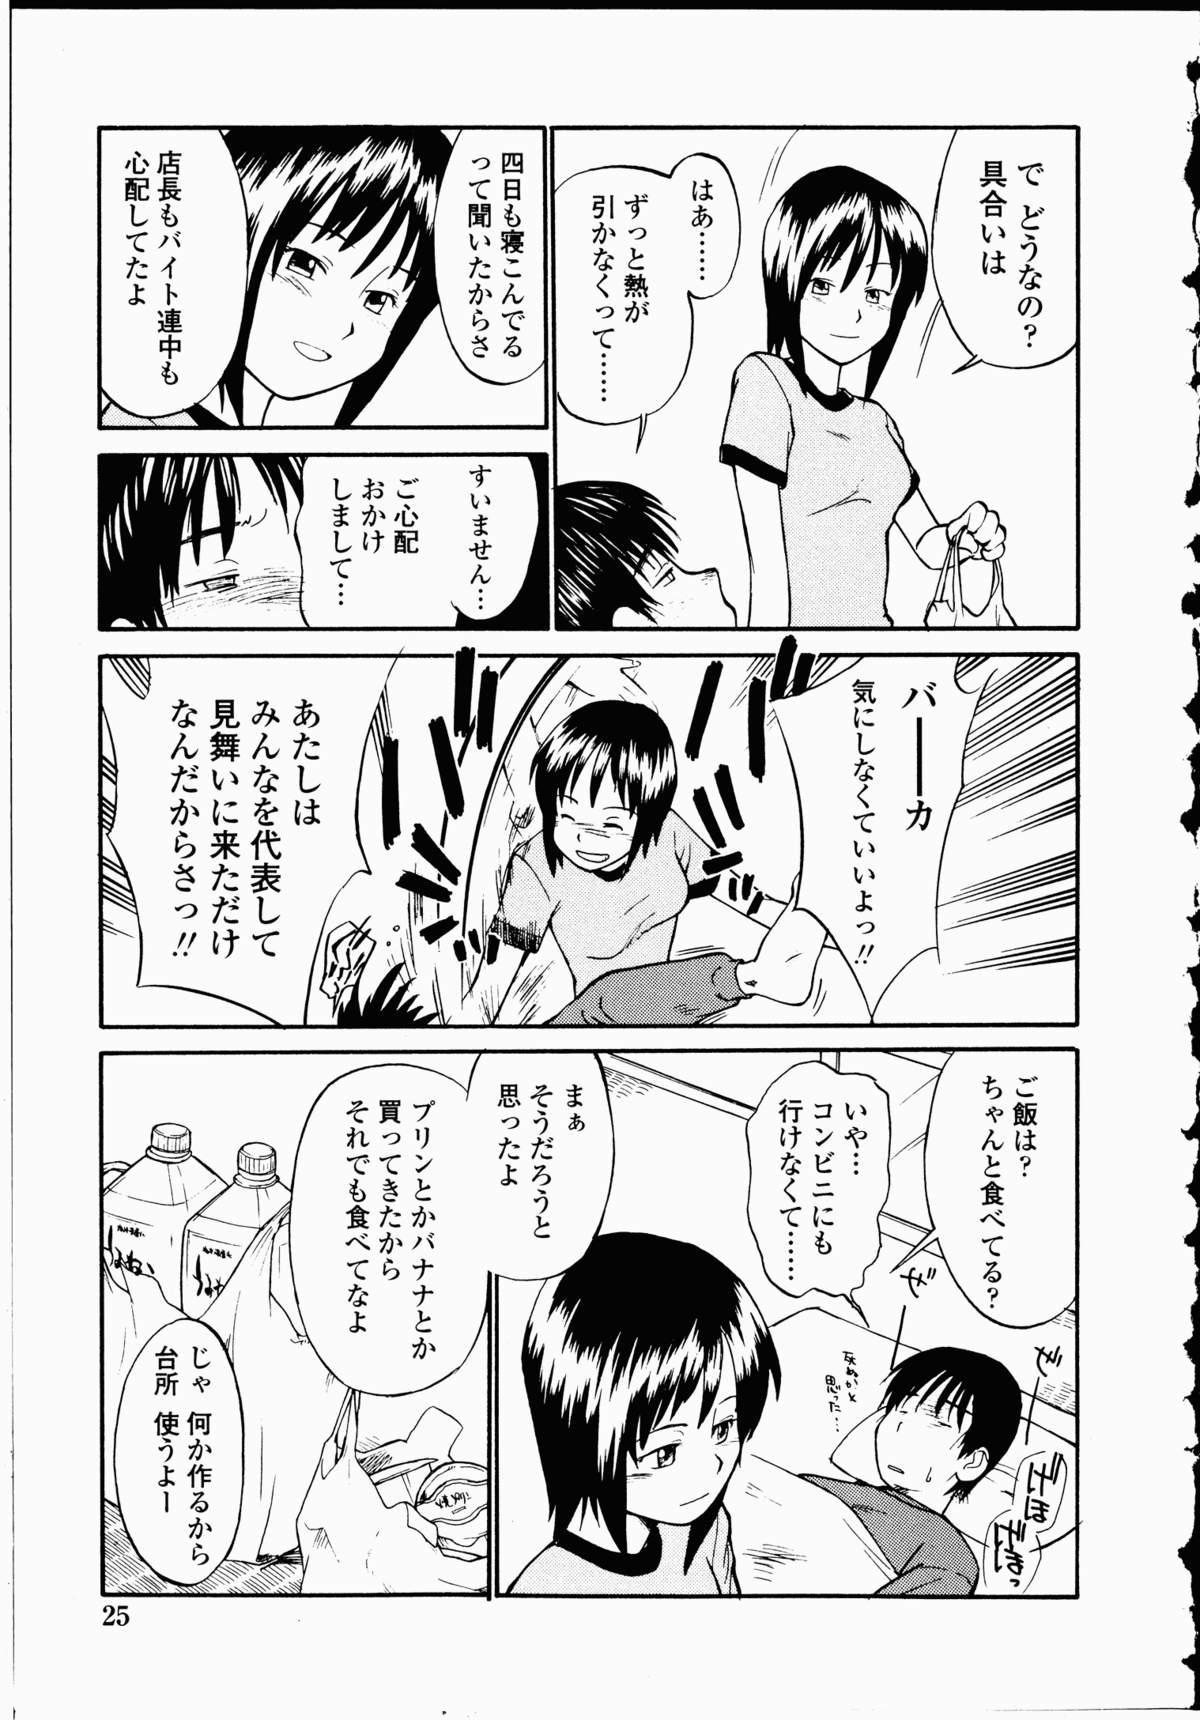 Youen Hyaku Monogatari 23